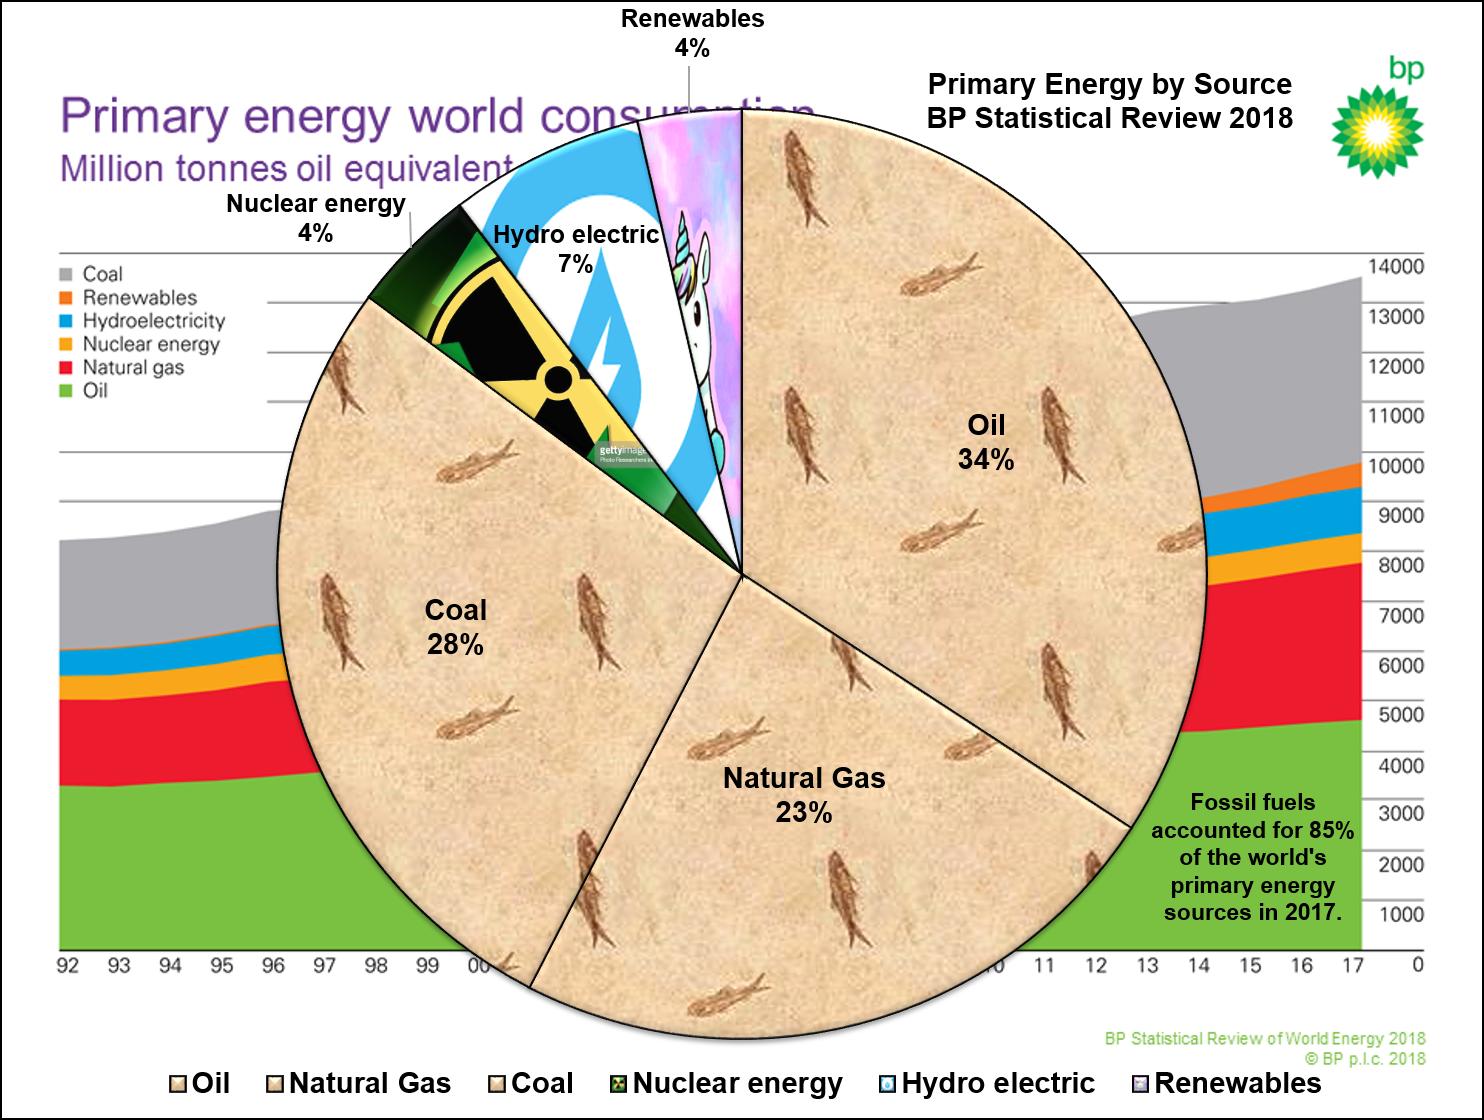 BP_Primary_Energy